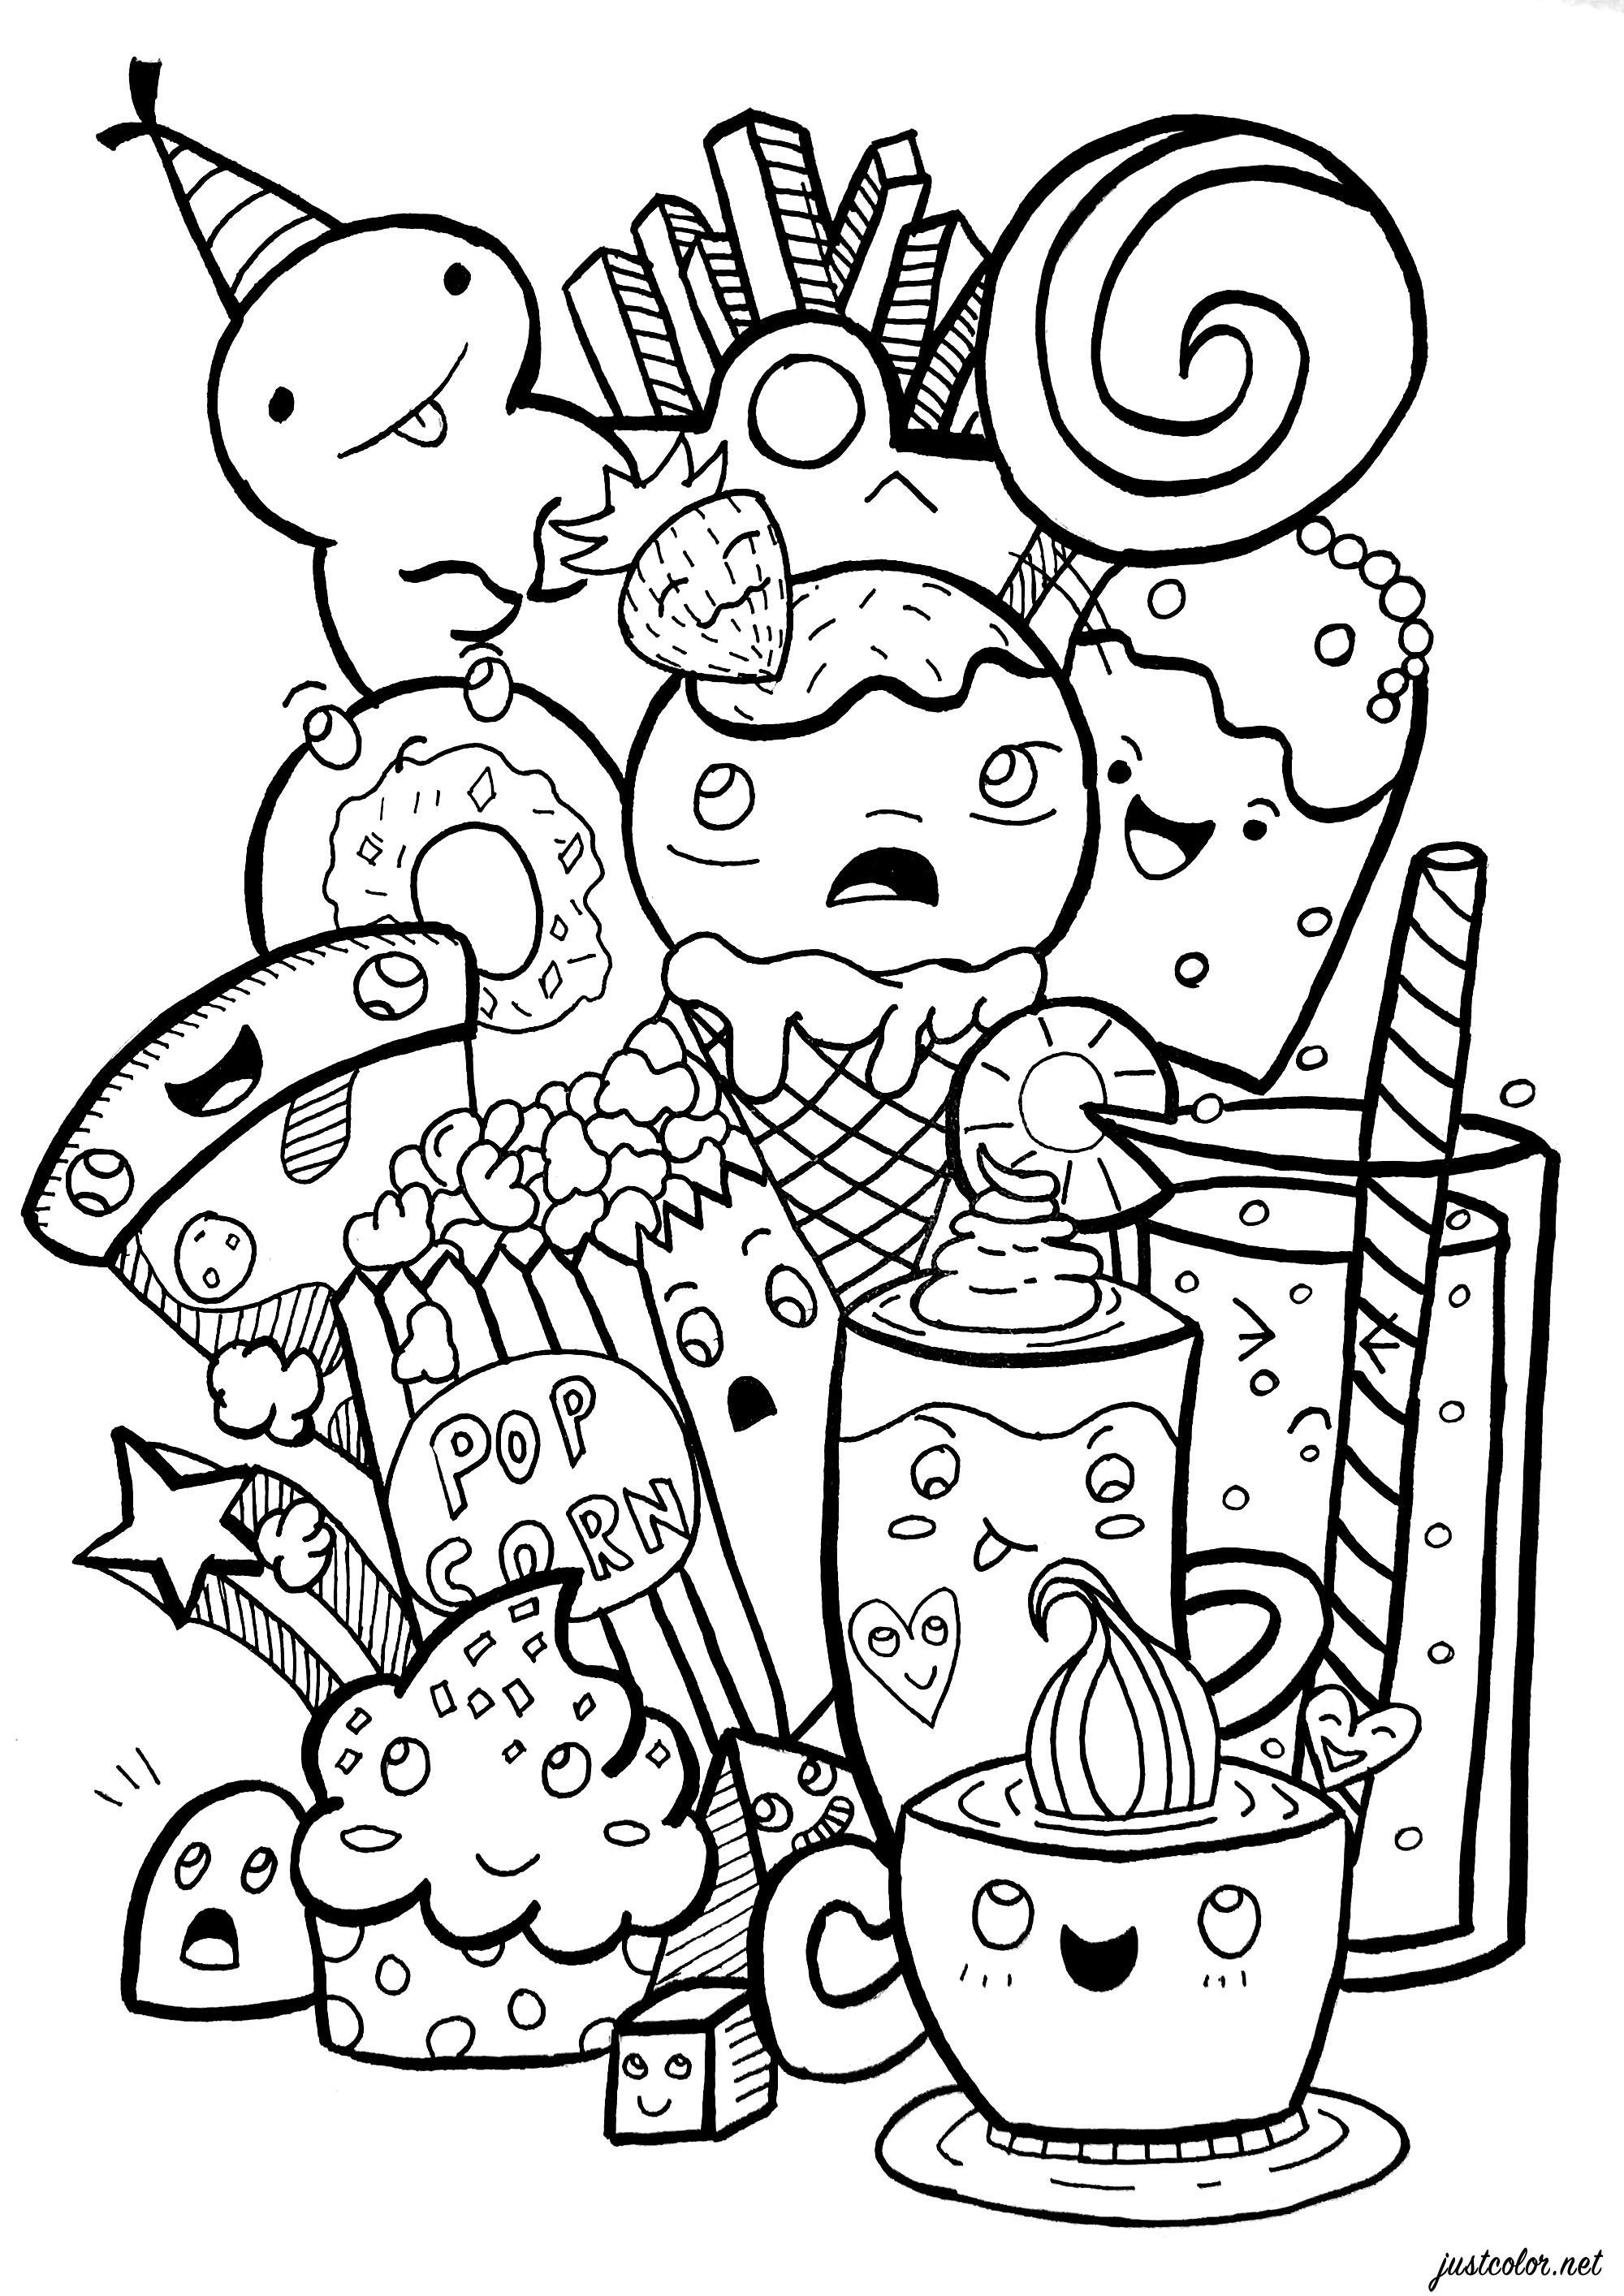 Coloriez toutes ces étranges créatures sucrées et délicieuses : pizzas, frites, cupcakes, sodas ... Attention aux calories !